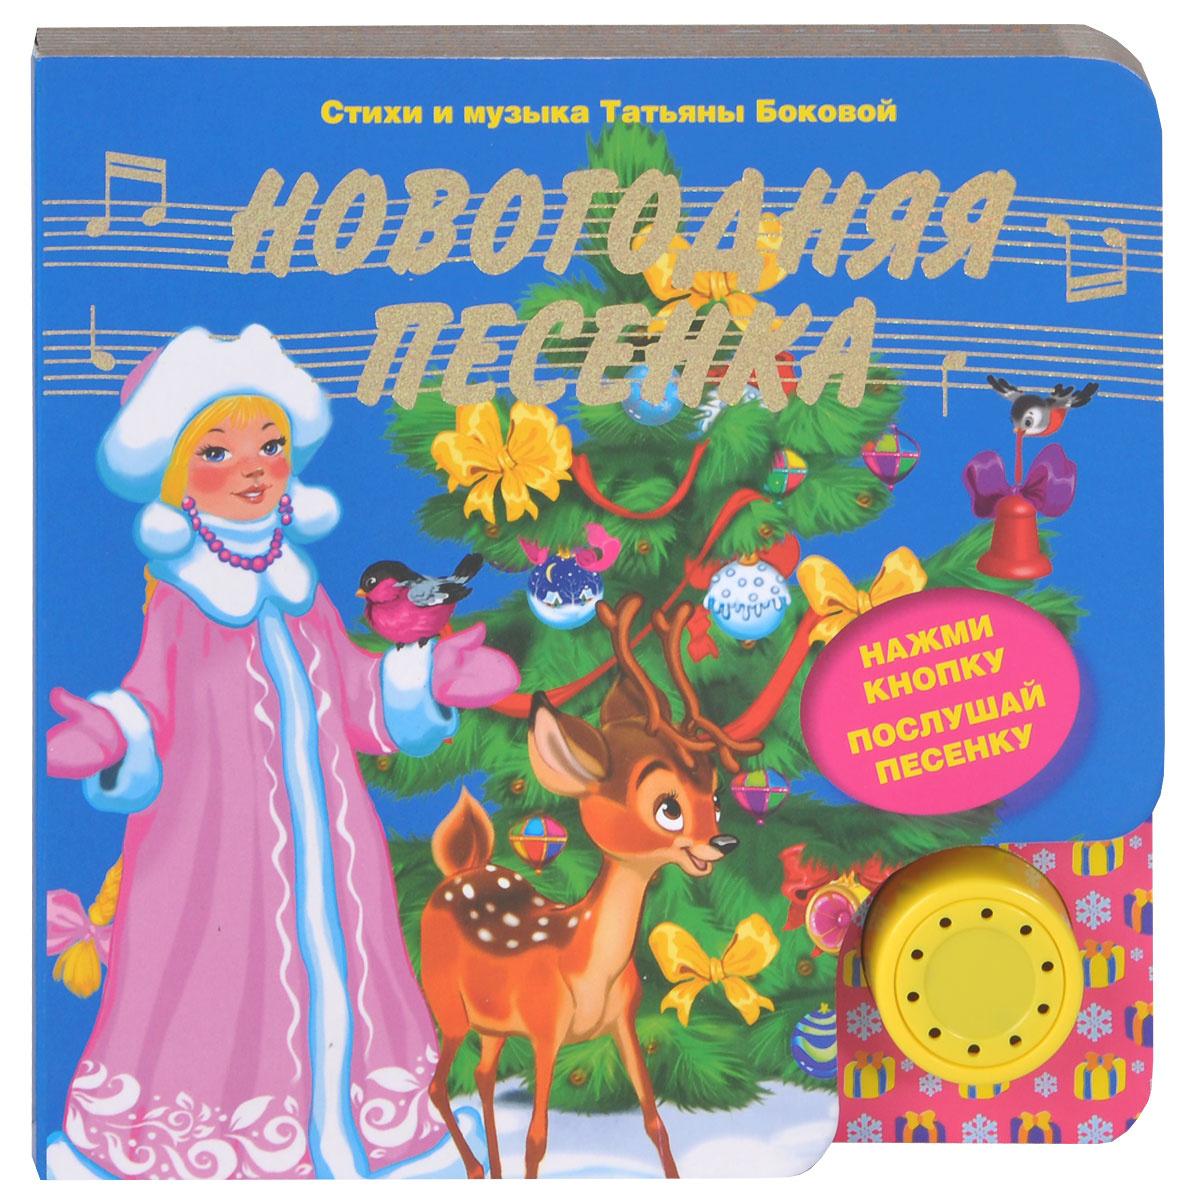 Музыкальные книжки новогодние купить ткань прадо купить